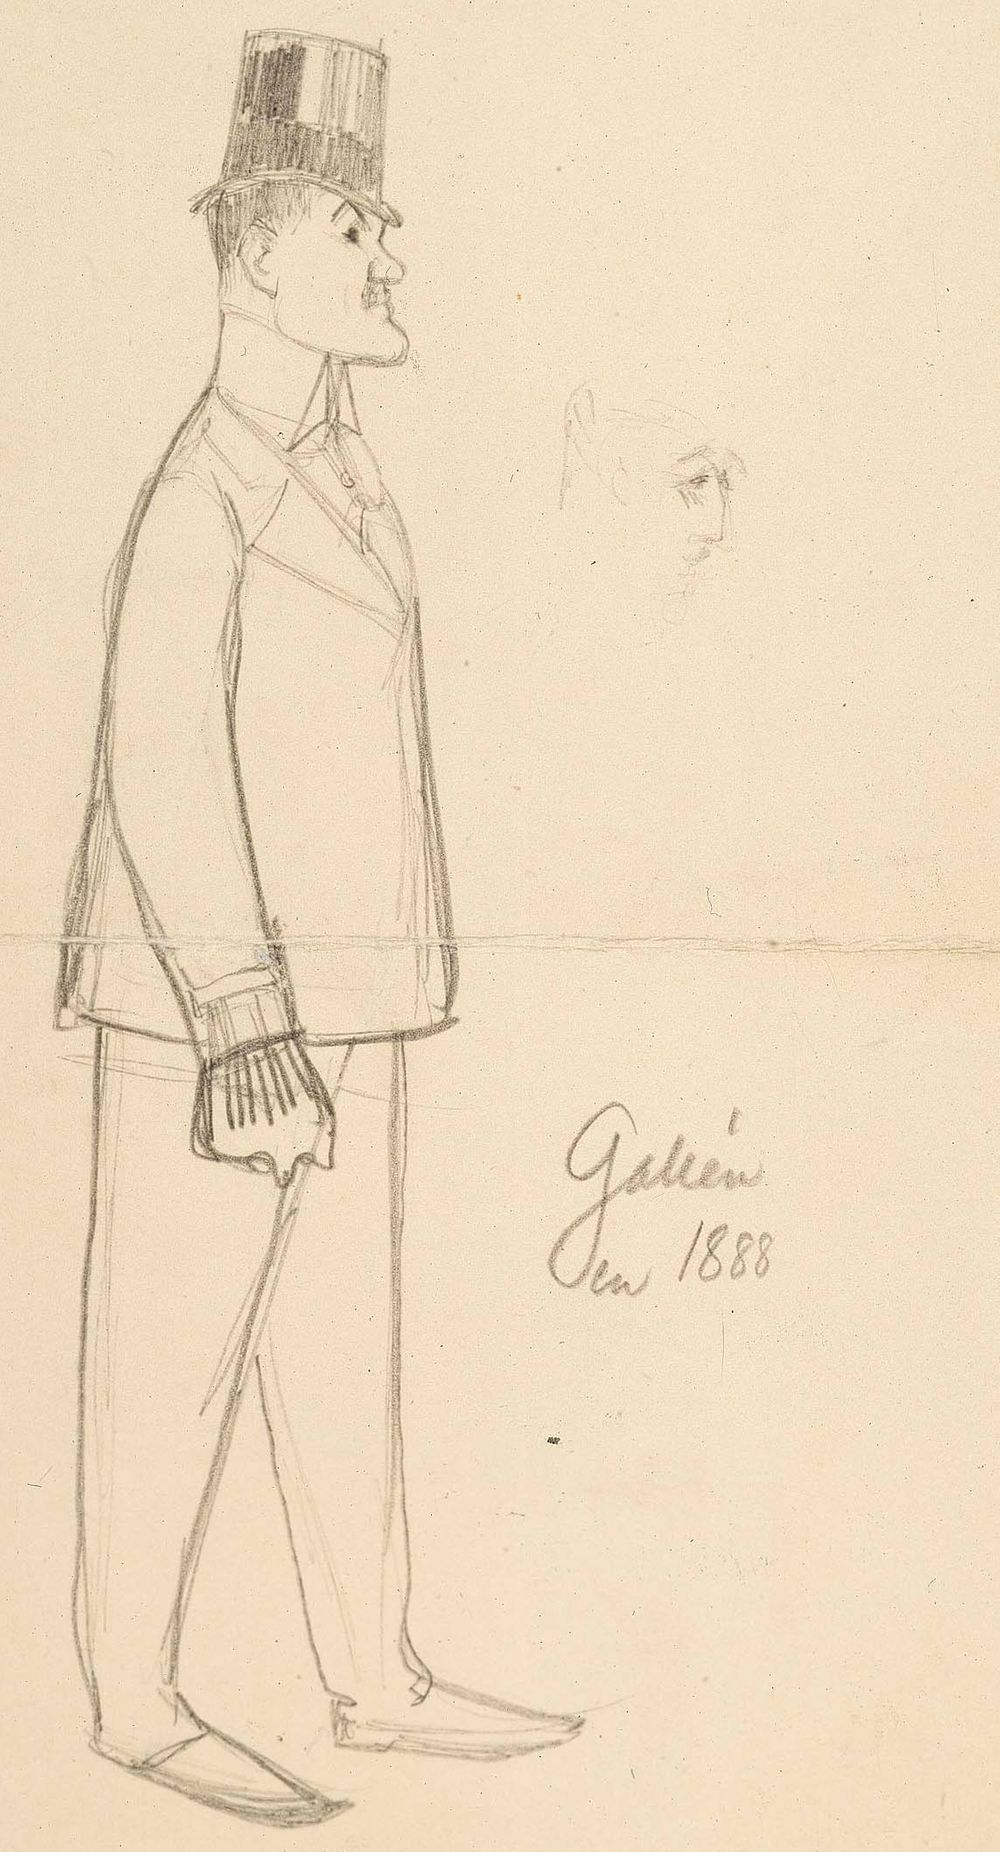 Axel Gallénin muotokuva, profiili